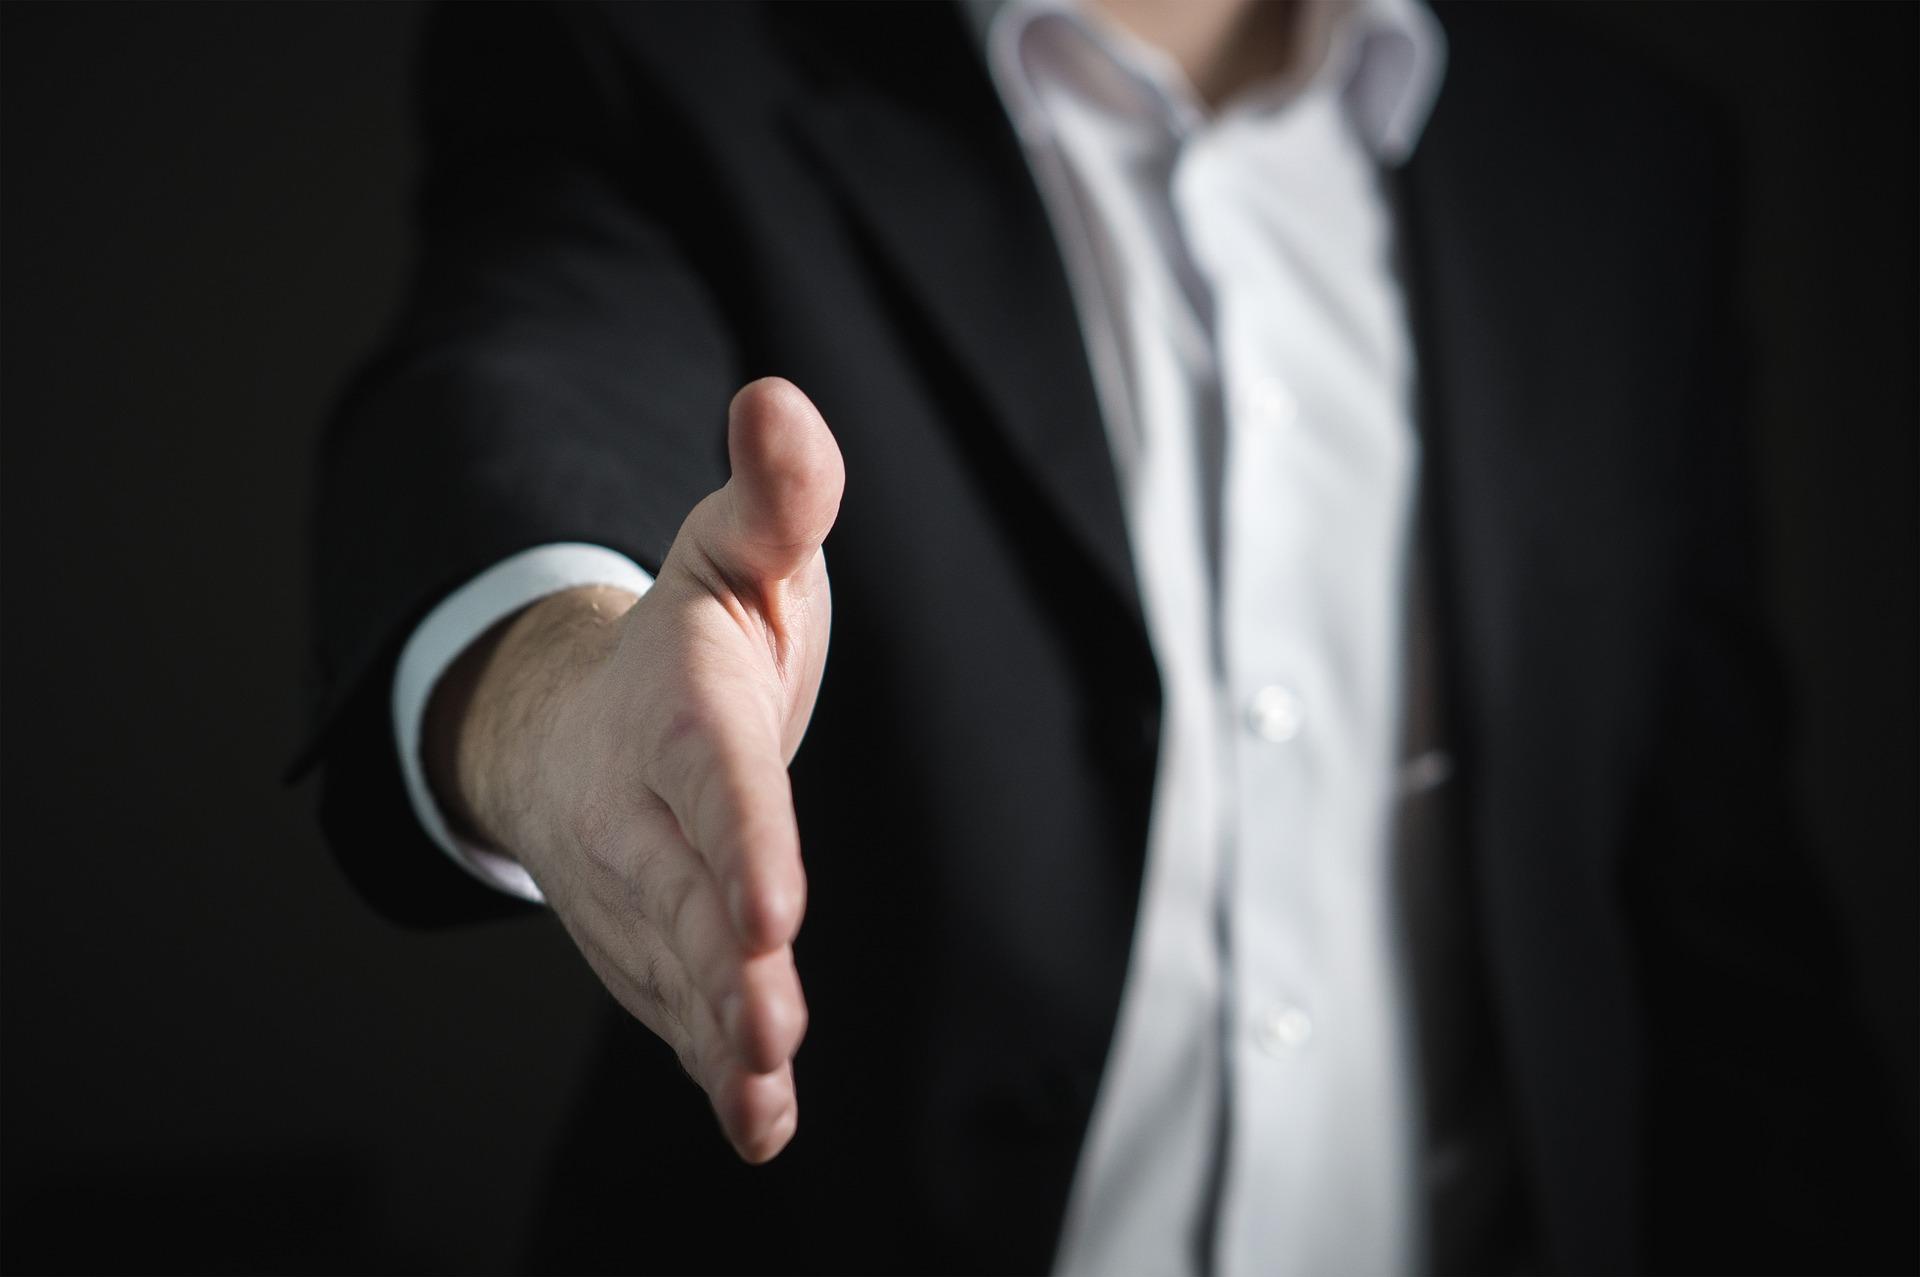 指導力のある人物からの握手-男性の手